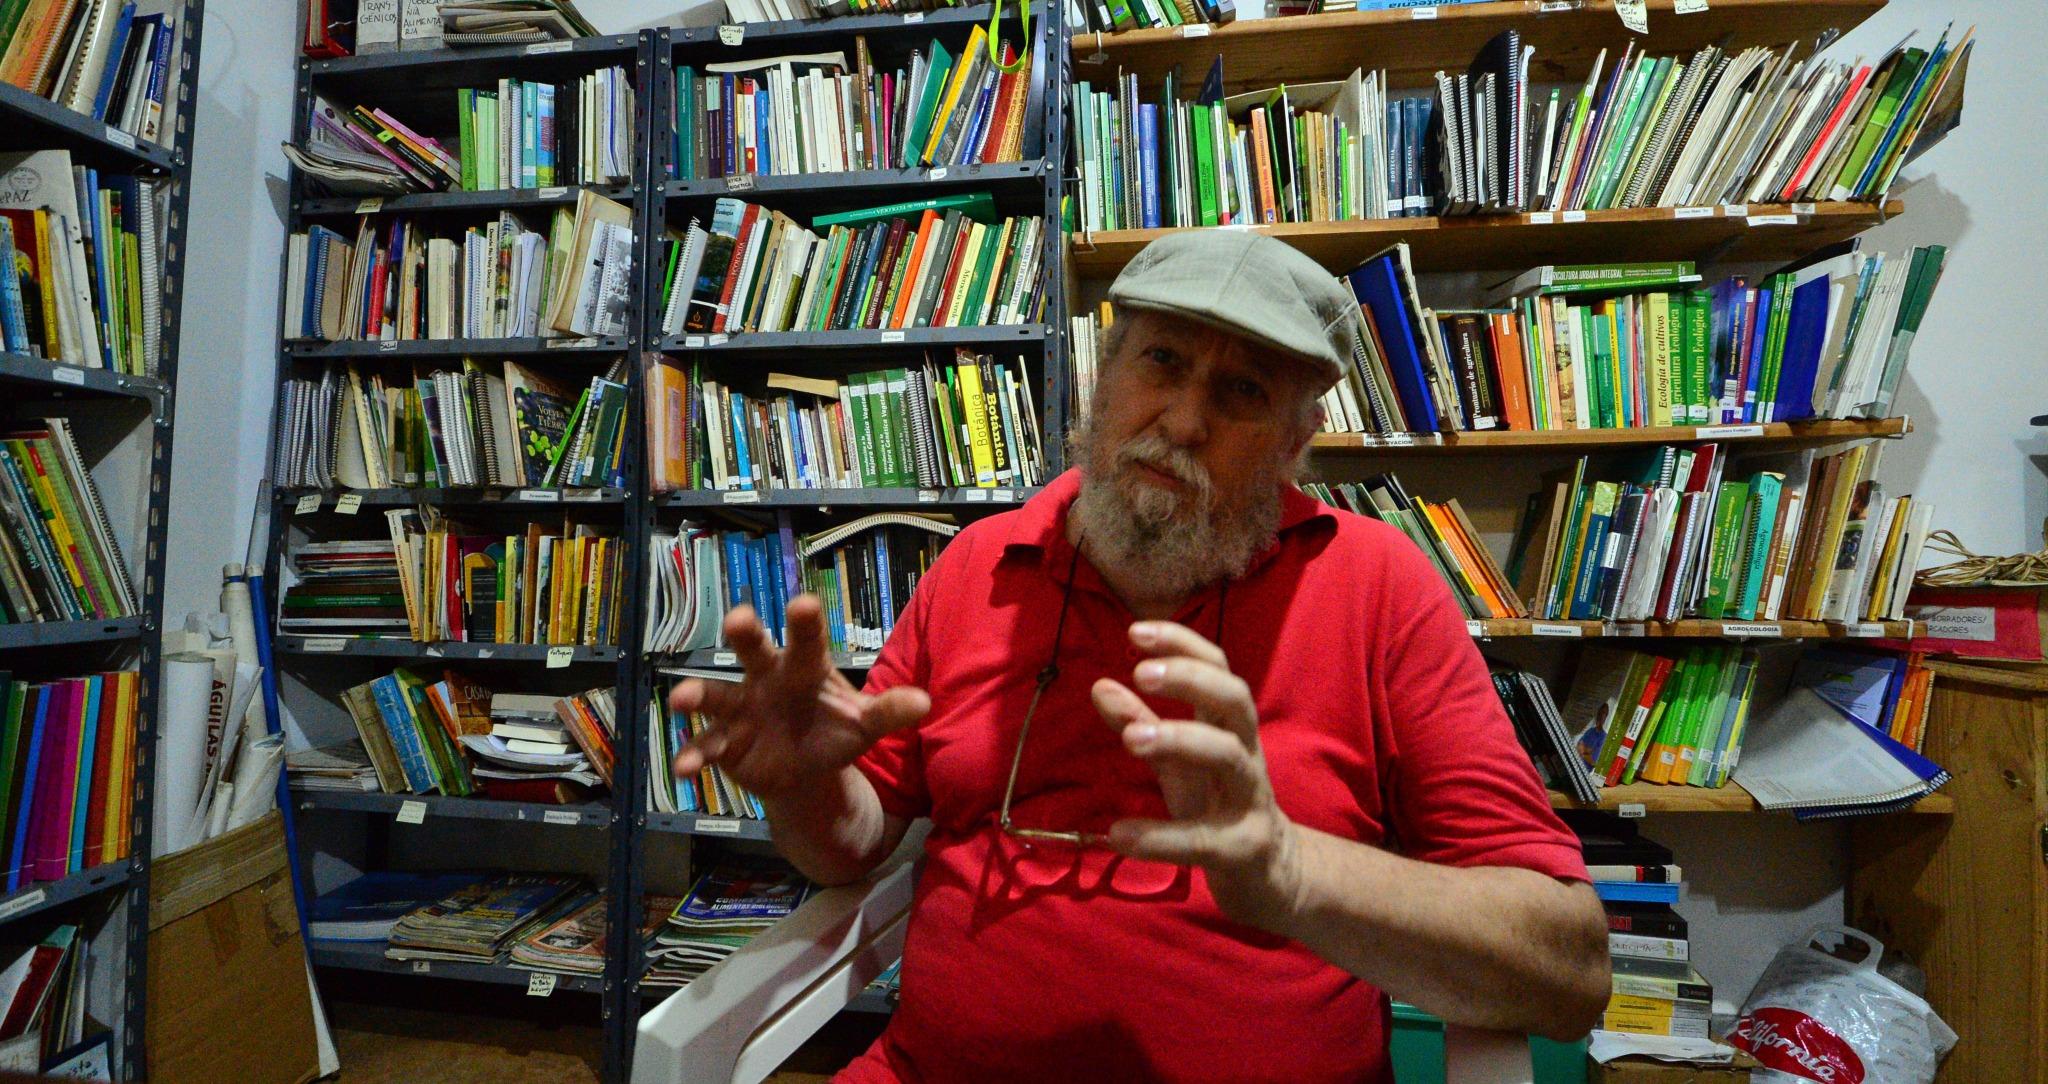 Raul Aramendy